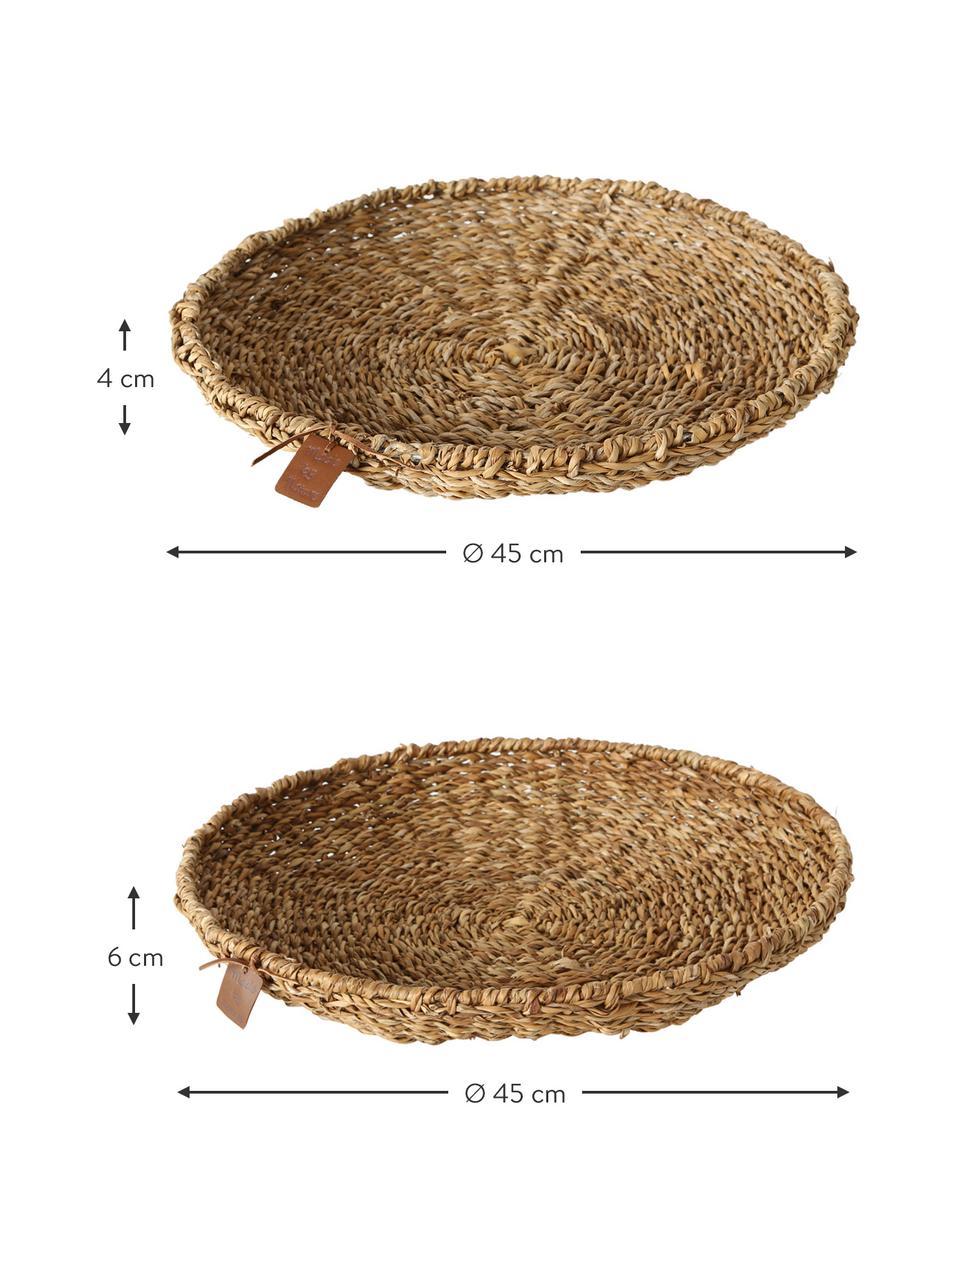 Deko-Schalen-Set Sophy, 2-tlg., Seegras, Braun, Set mit verschiedenen Größen